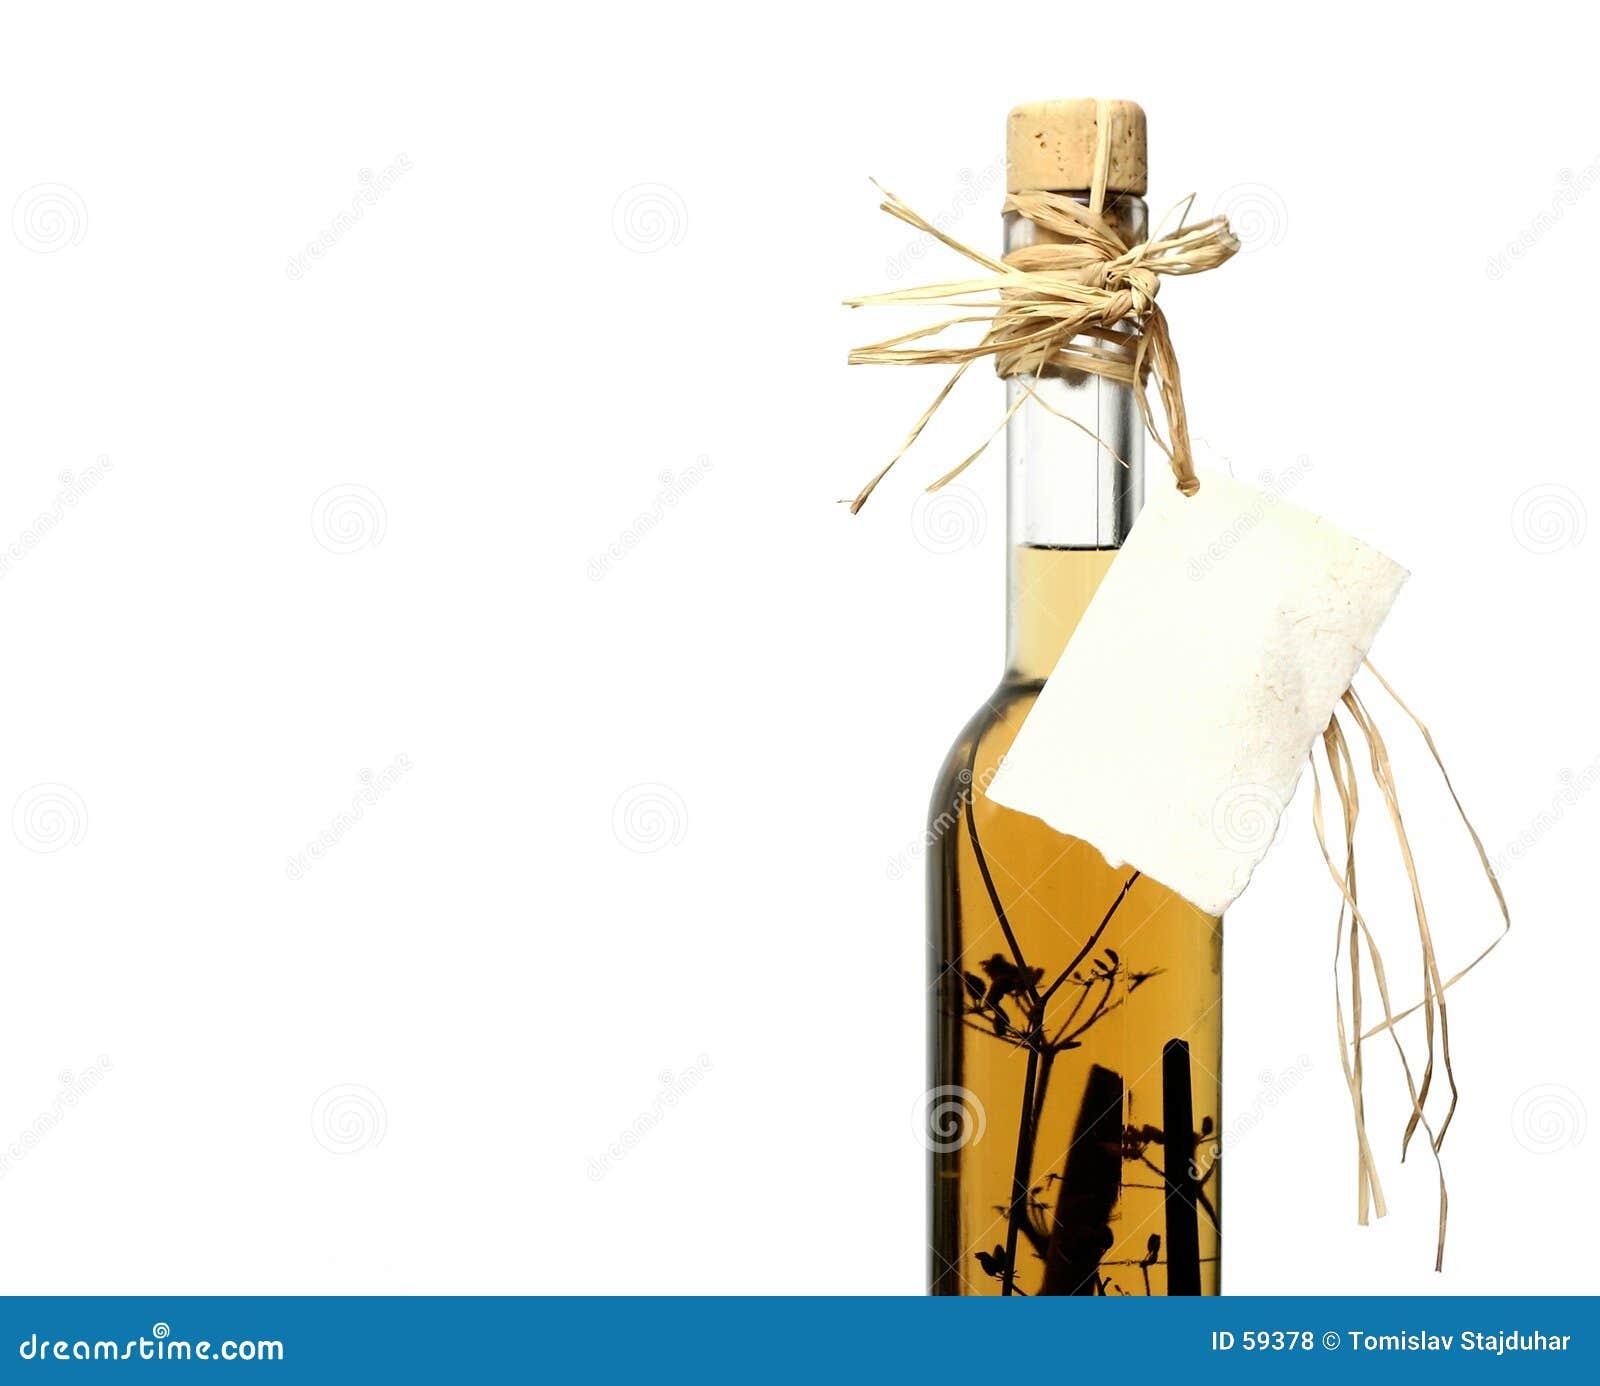 ποτό ΙΙ αλκοόλης